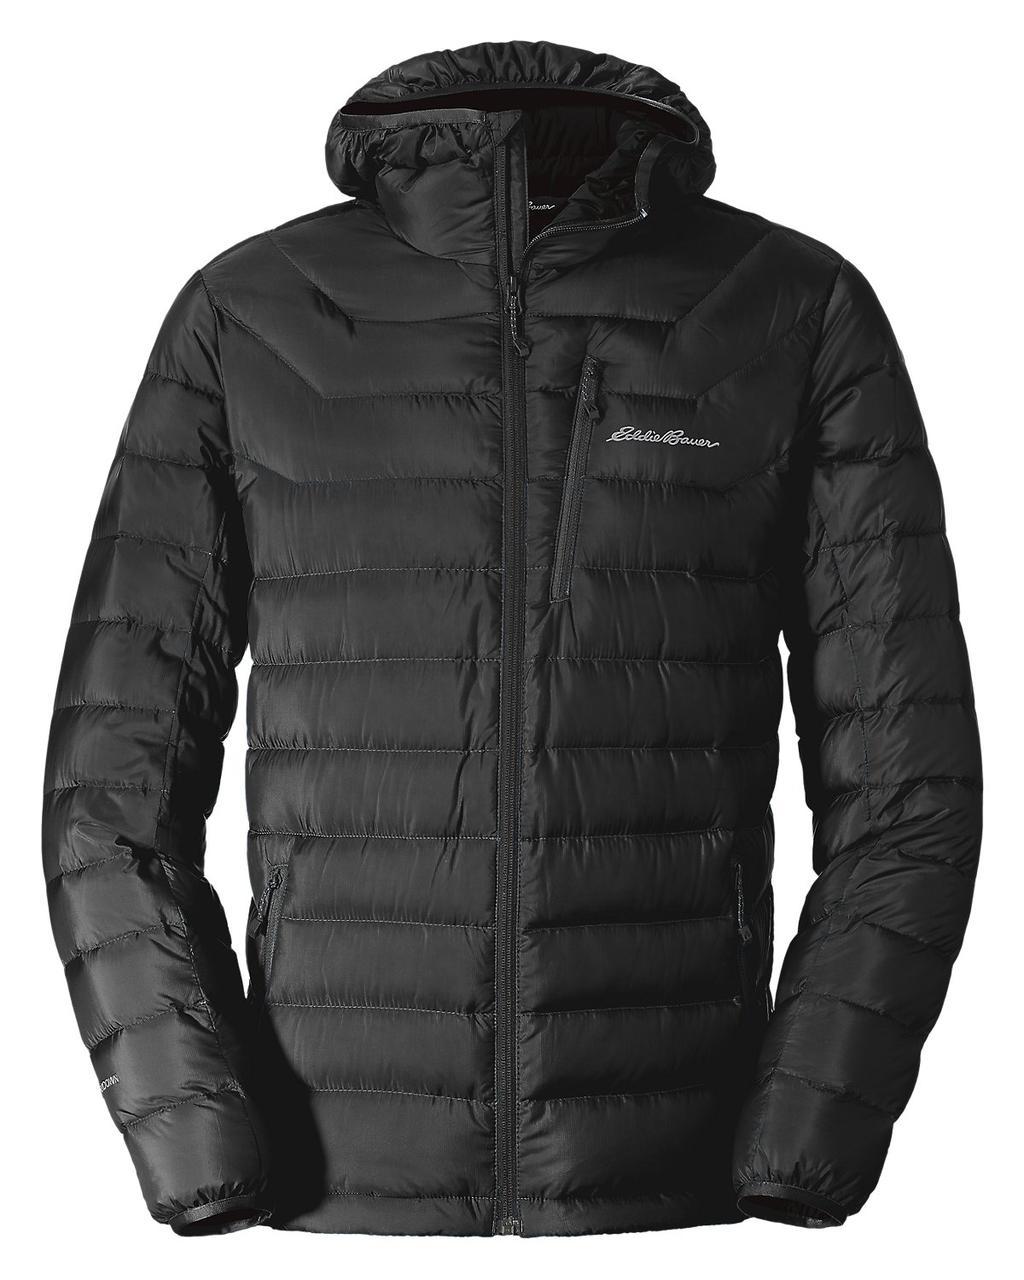 Куртка Eddie Bauer Mens Downlight Stormdown hooded jacket M